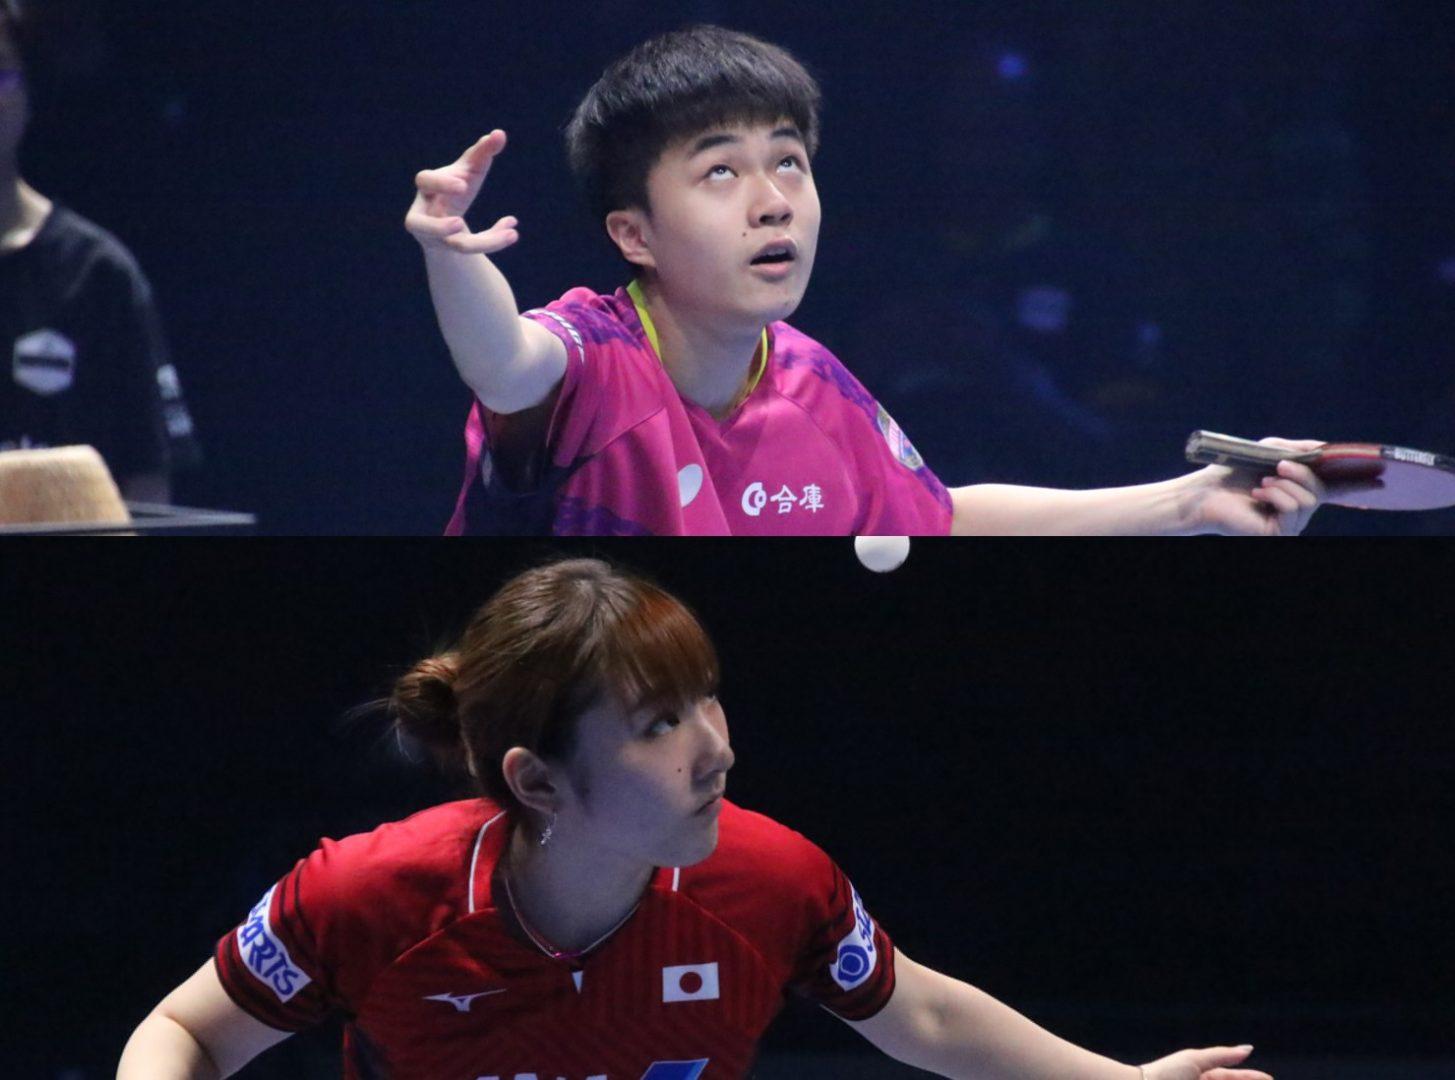 【特集】トップ選手の世界ランクは2年でどう変わった!? T2優勝・林昀儒は大幅アップ